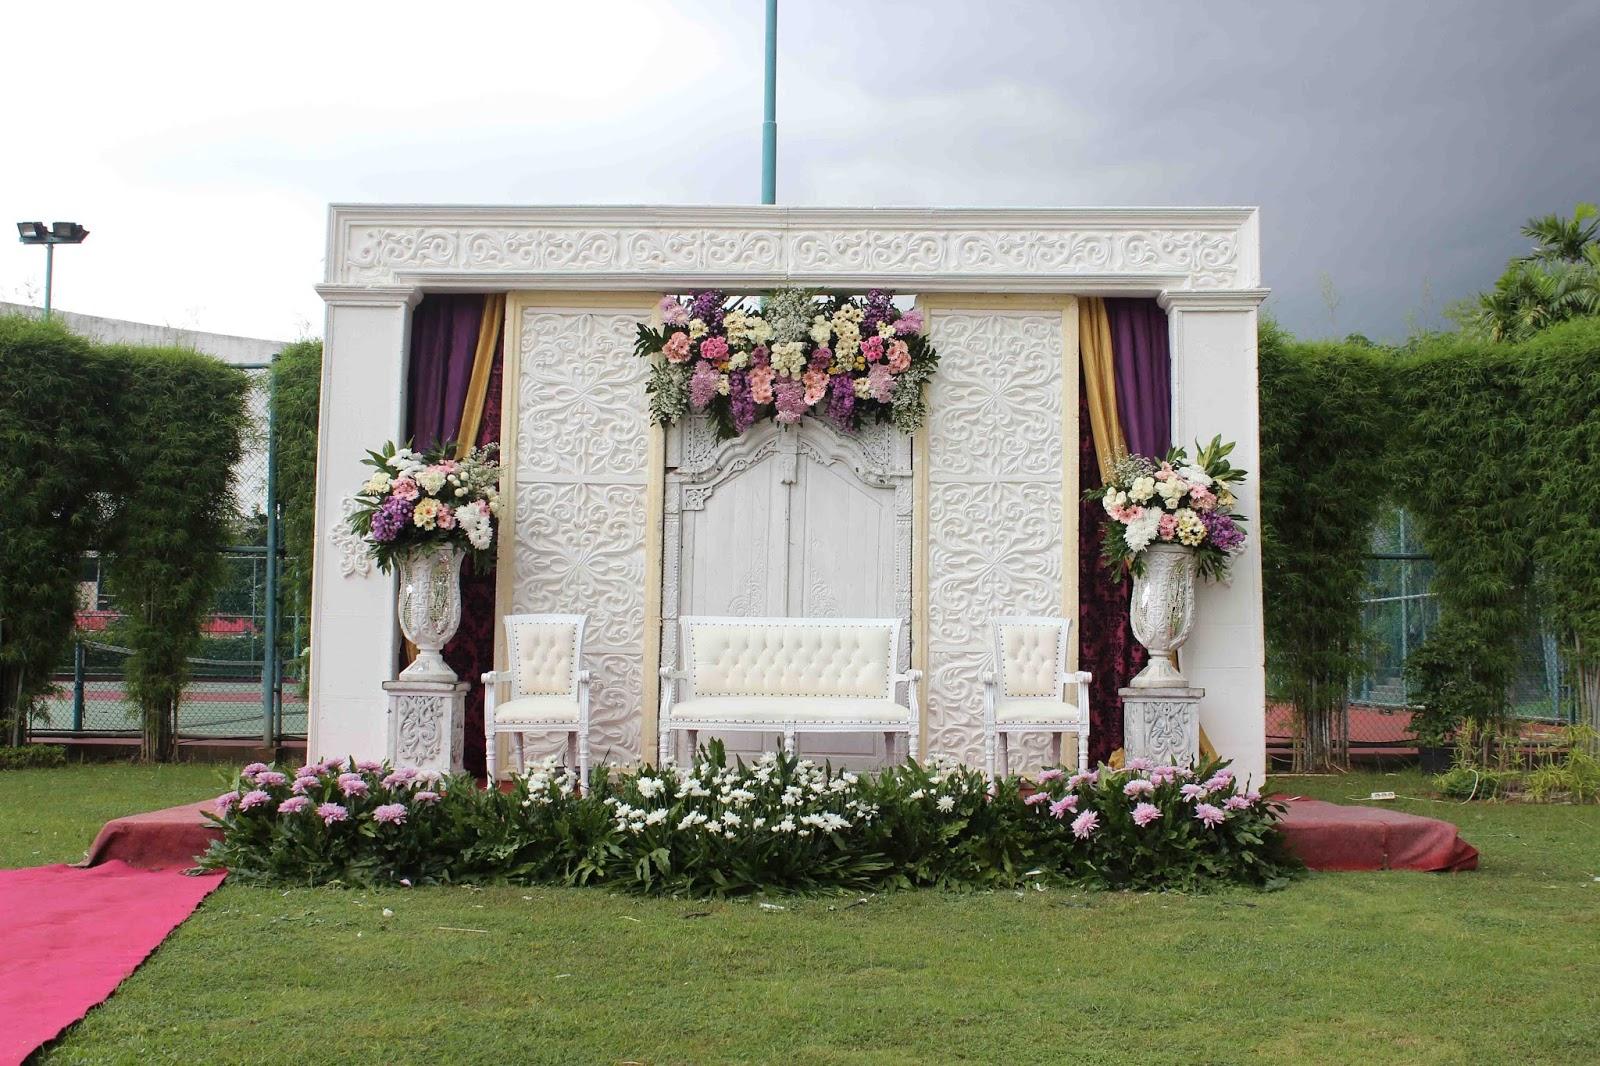 13 Dekorasi Pernikahan Outdoor Minimalis Murah